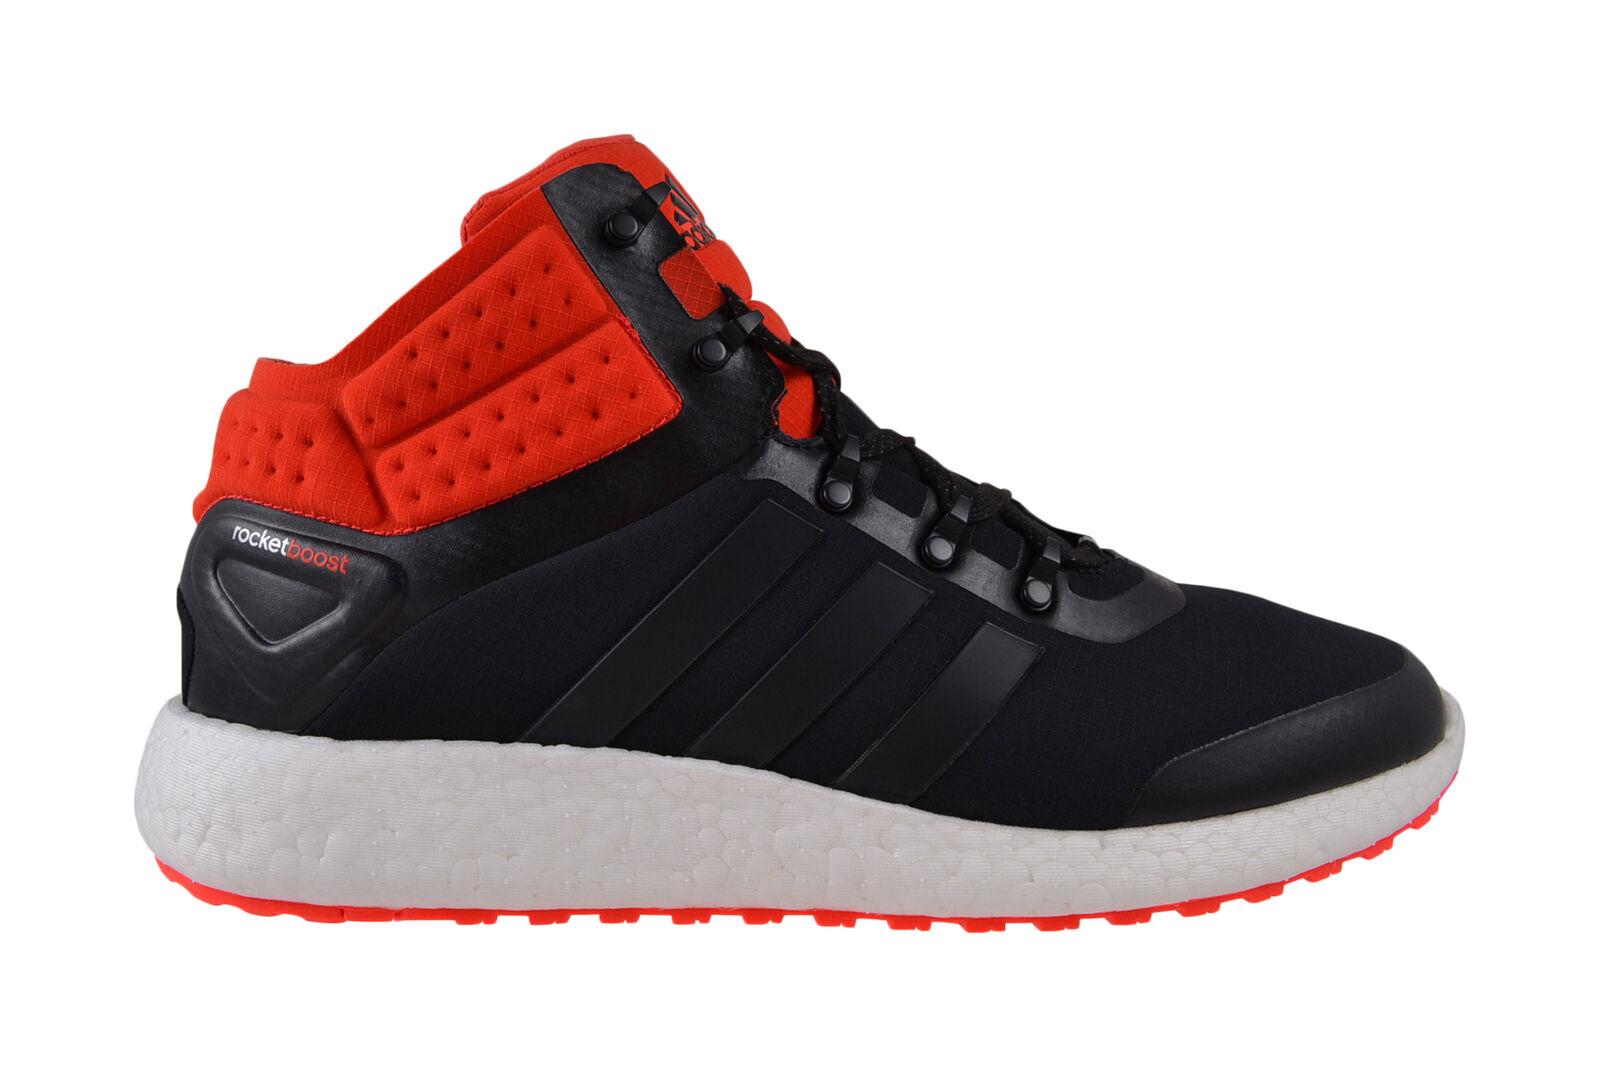 Adidas climaheat Rocket Boost mc m negro rojo blanco zapatilla de deporte zapatos negro b23117